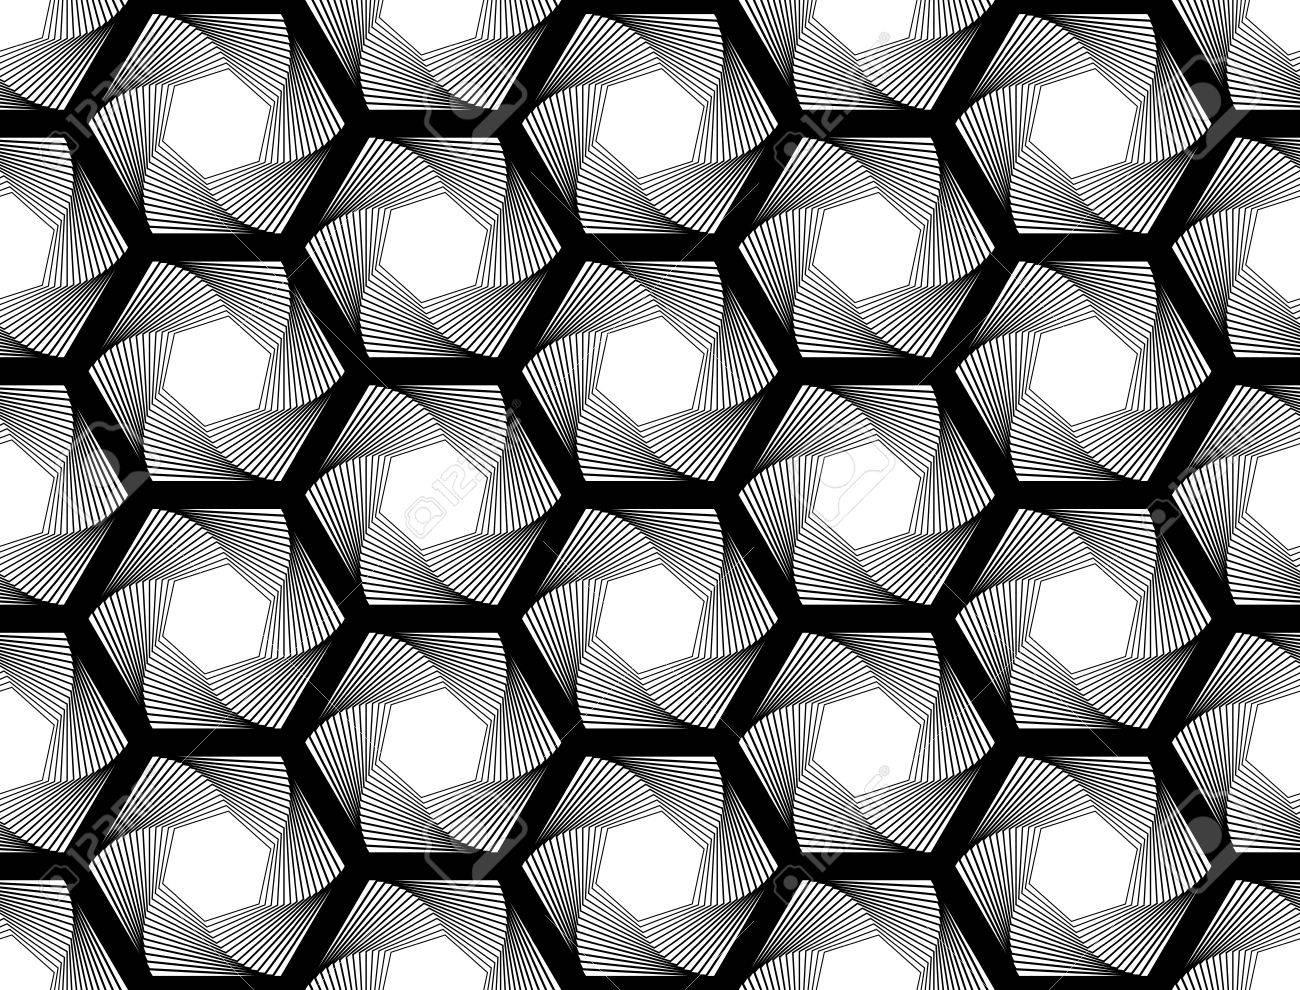 シームレスなモノクロ六角形の幾...